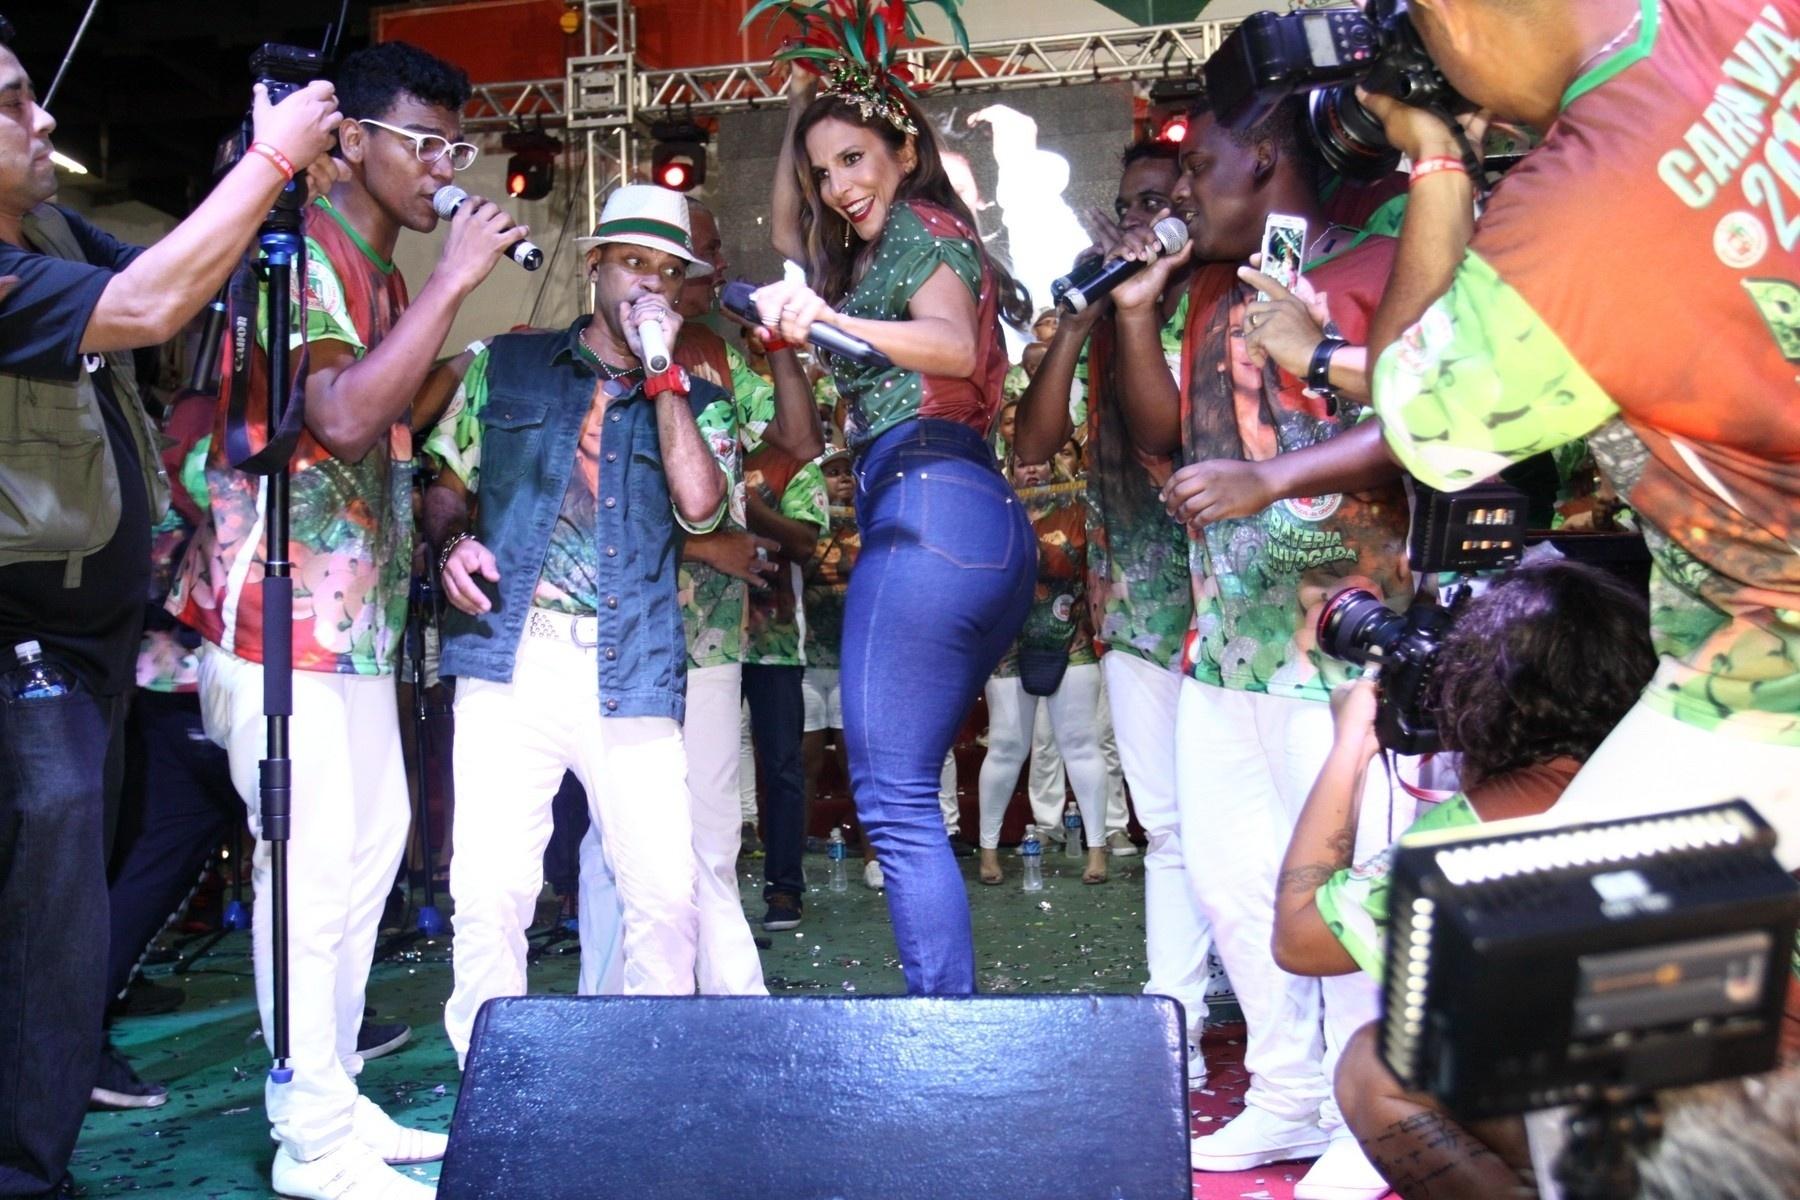 12.mar.2016 - Ivete Sangalo foi anunciada oficialmente como enredo da escola de samba Grande Rio para o Carnaval 2017. Sorridente, a cantora cantou, dançou e tirou fotos com o público na quadra da agremiação